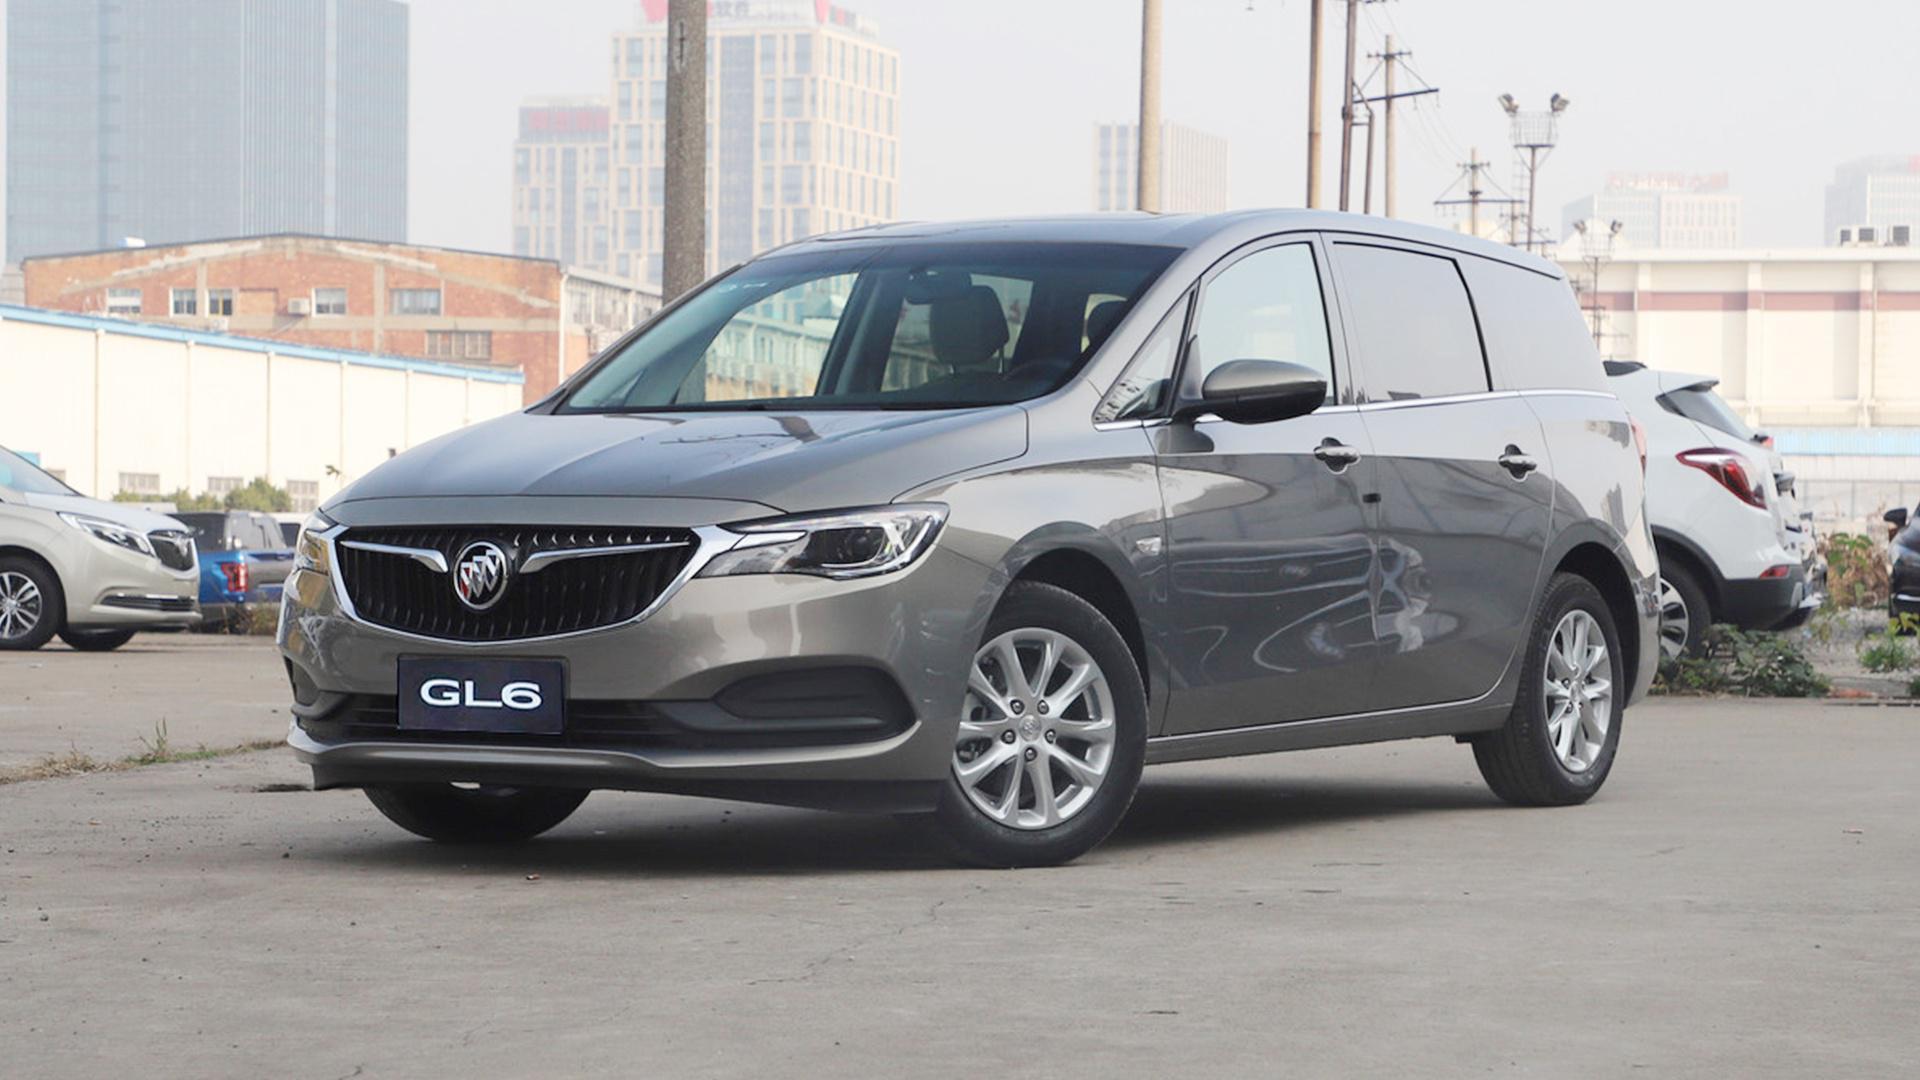 视频:别克GL6的缺点有哪些?除了三缸发动机,车内也是惨的一匹!